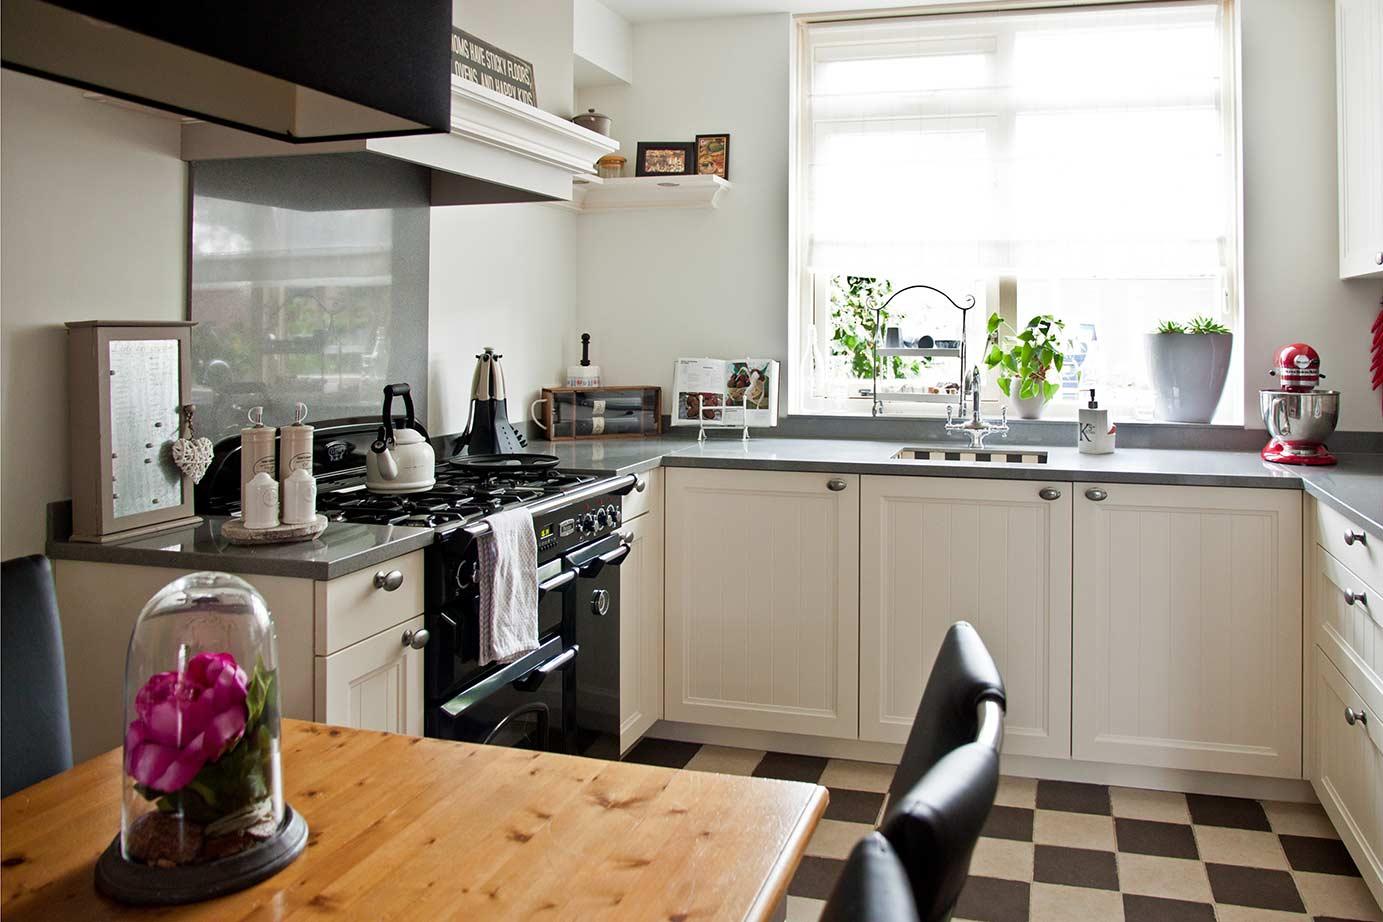 Klein Keuken Industriele : Avanti keukens in kesteren betuwe klanten geven ons een